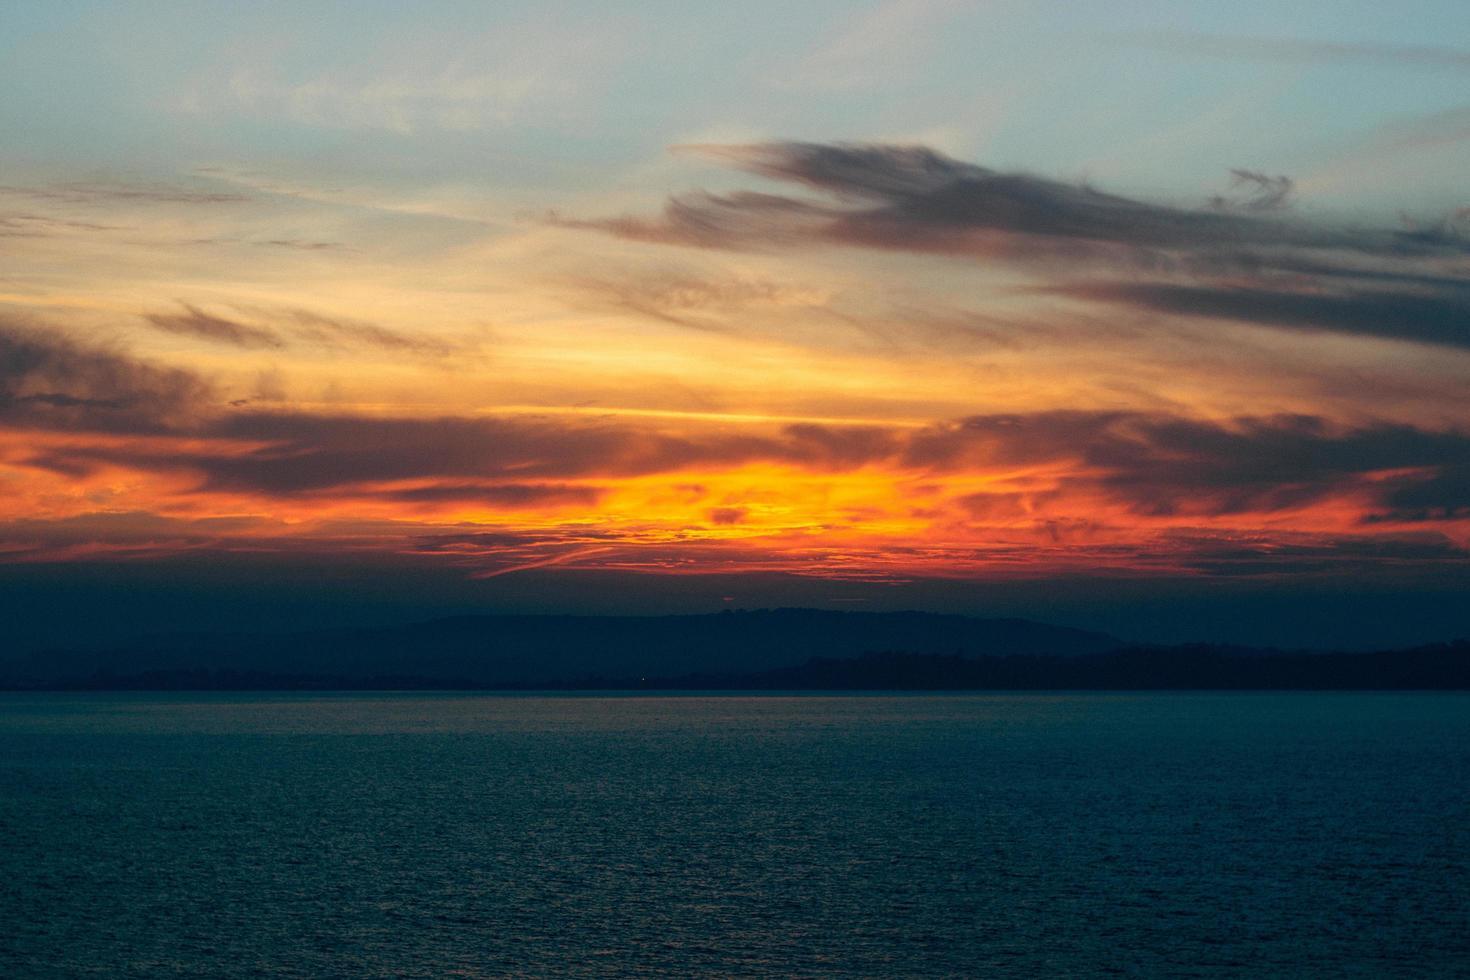 tramonto dalla spiaggia foto